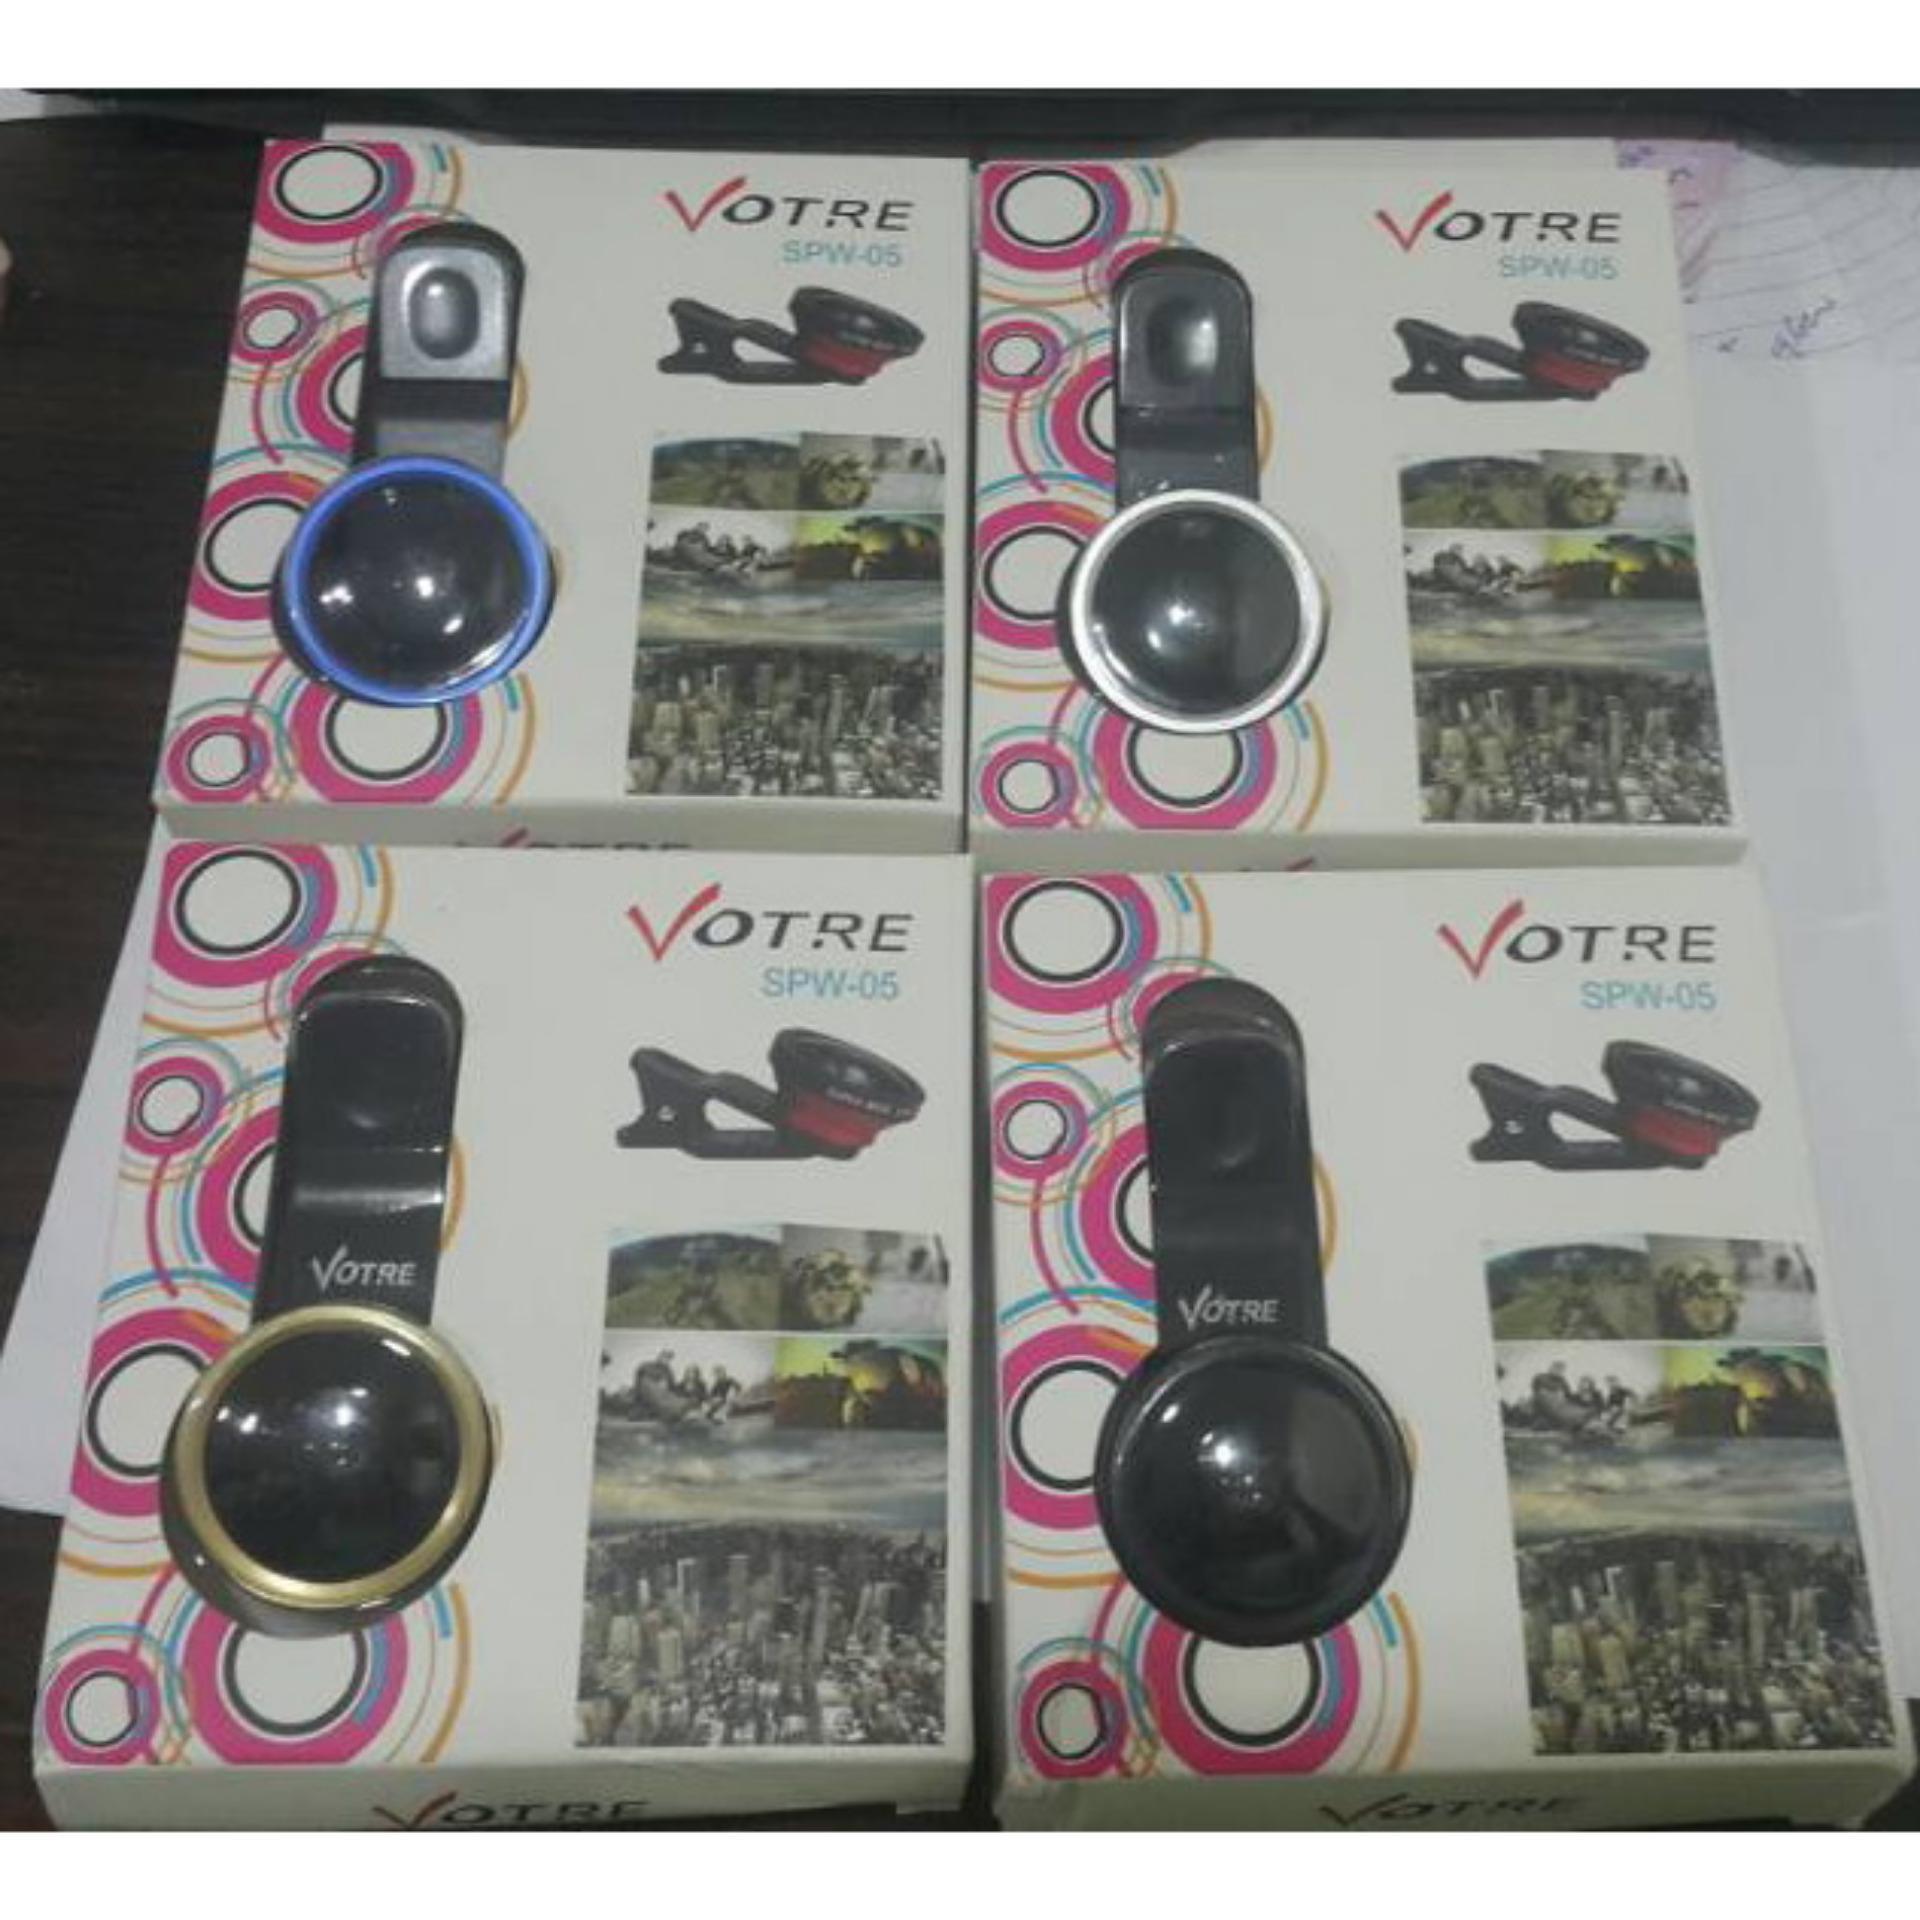 Votre SPW-05 Clip Lens Superwide Fish Eye Lensa Handphone ...